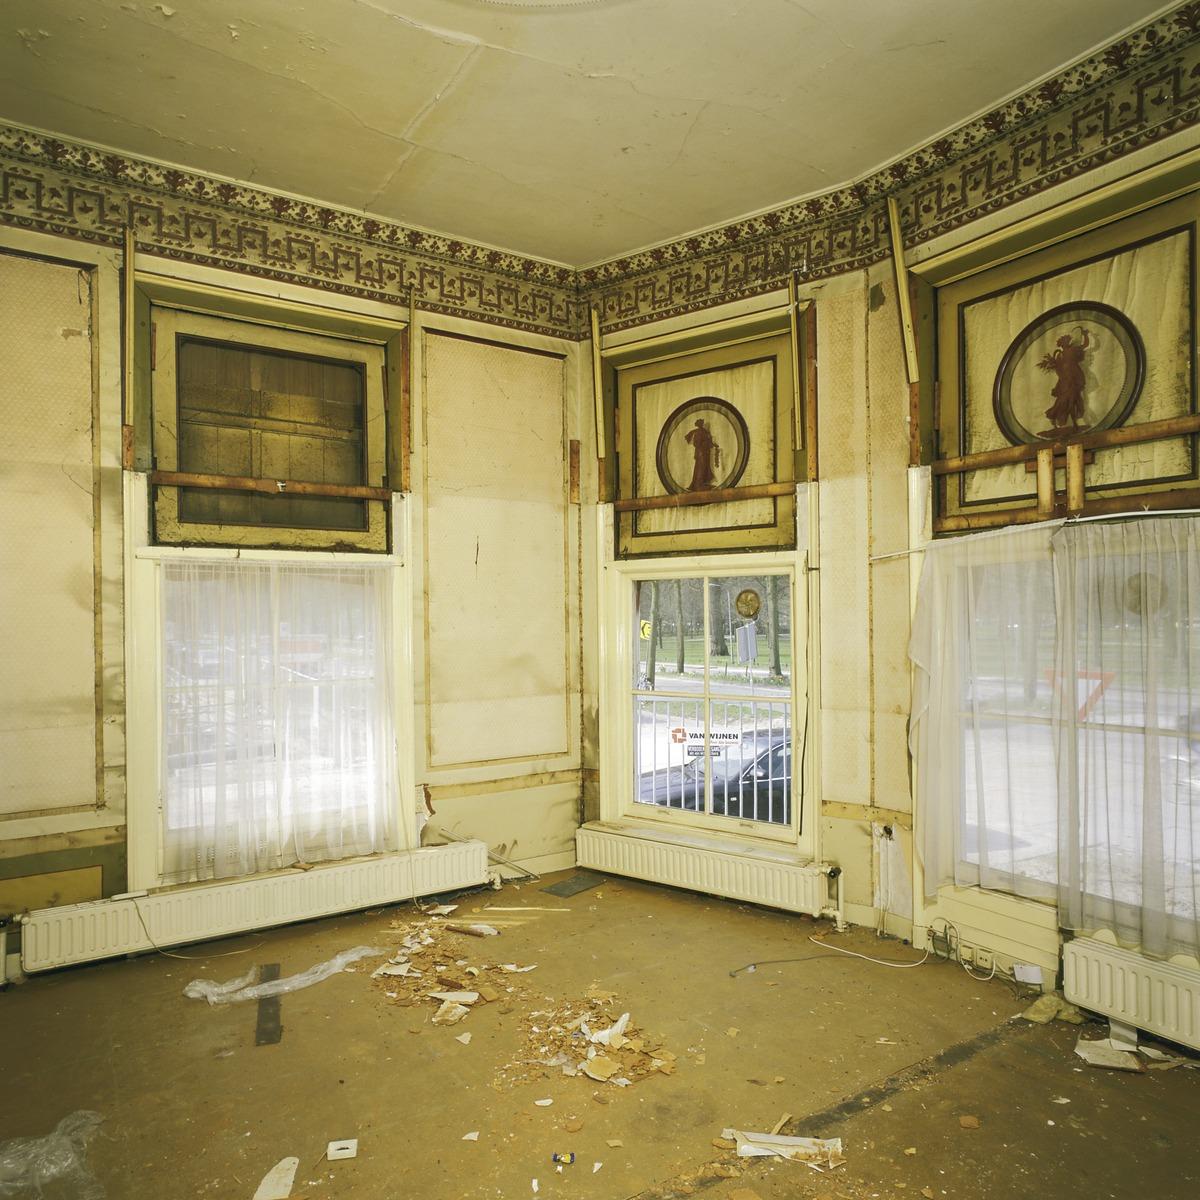 File interieur overzicht van interieurschilderingen boven for Interieur haarlem